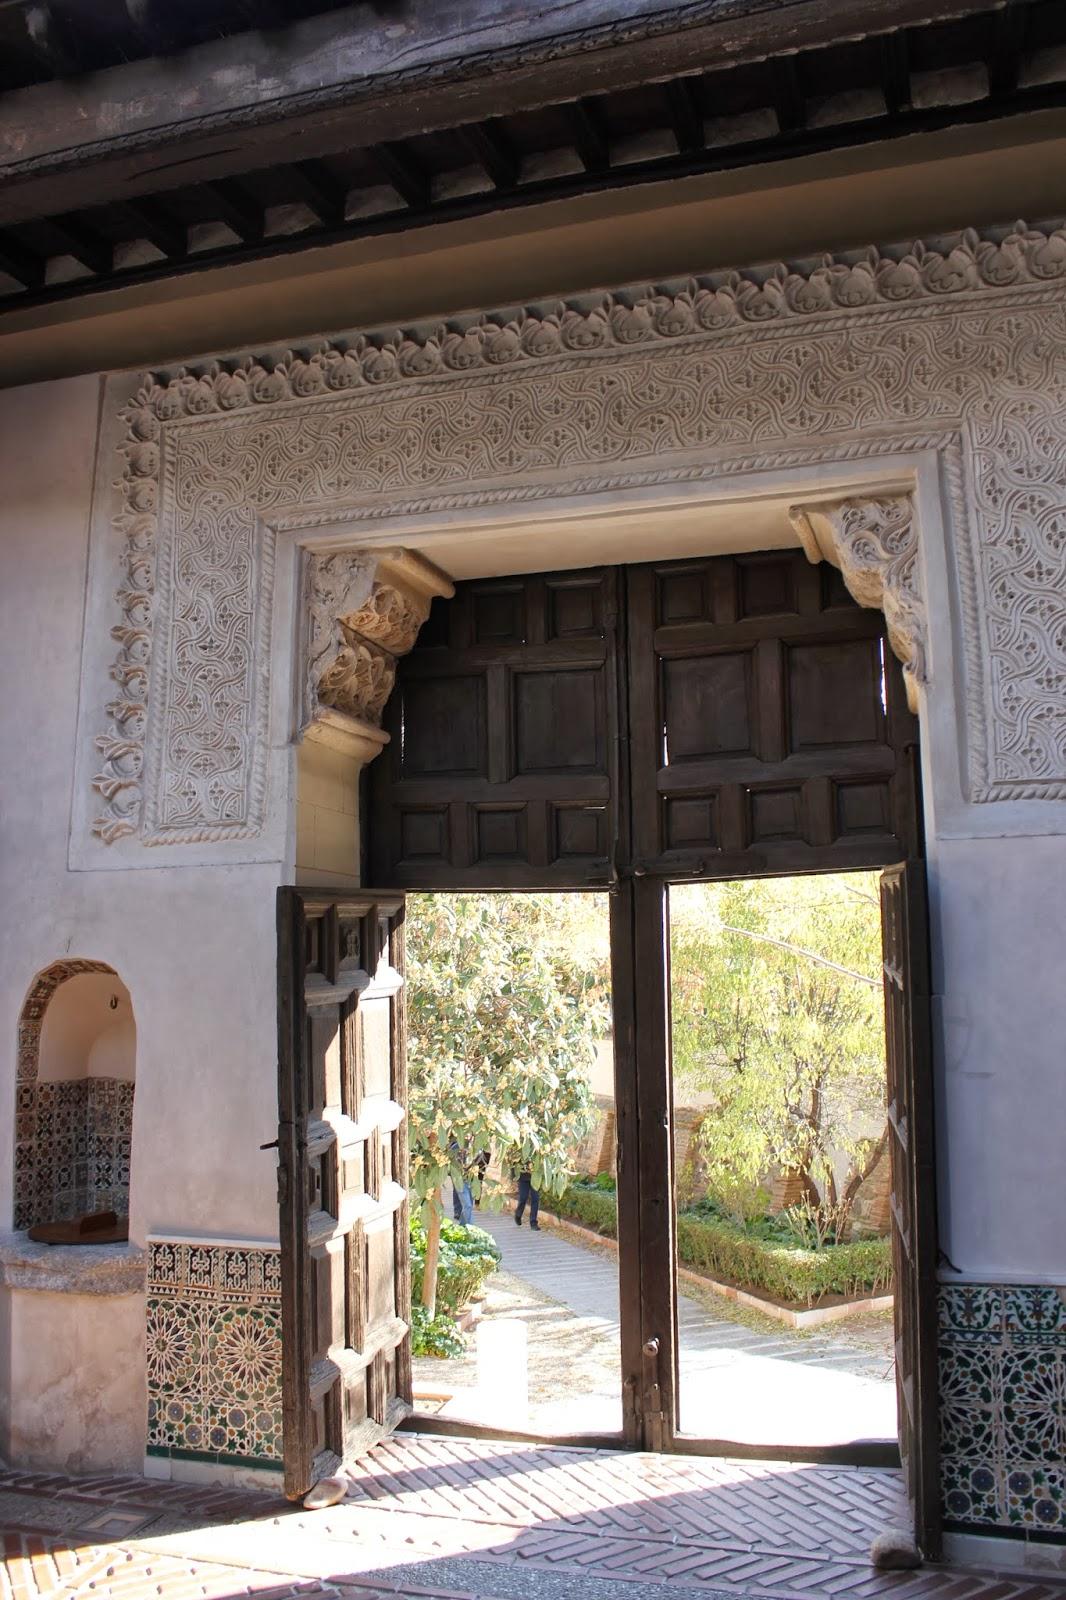 Maravillas ocultas de espa a toledo el museo de el greco for Jardin umbrio valle inclan